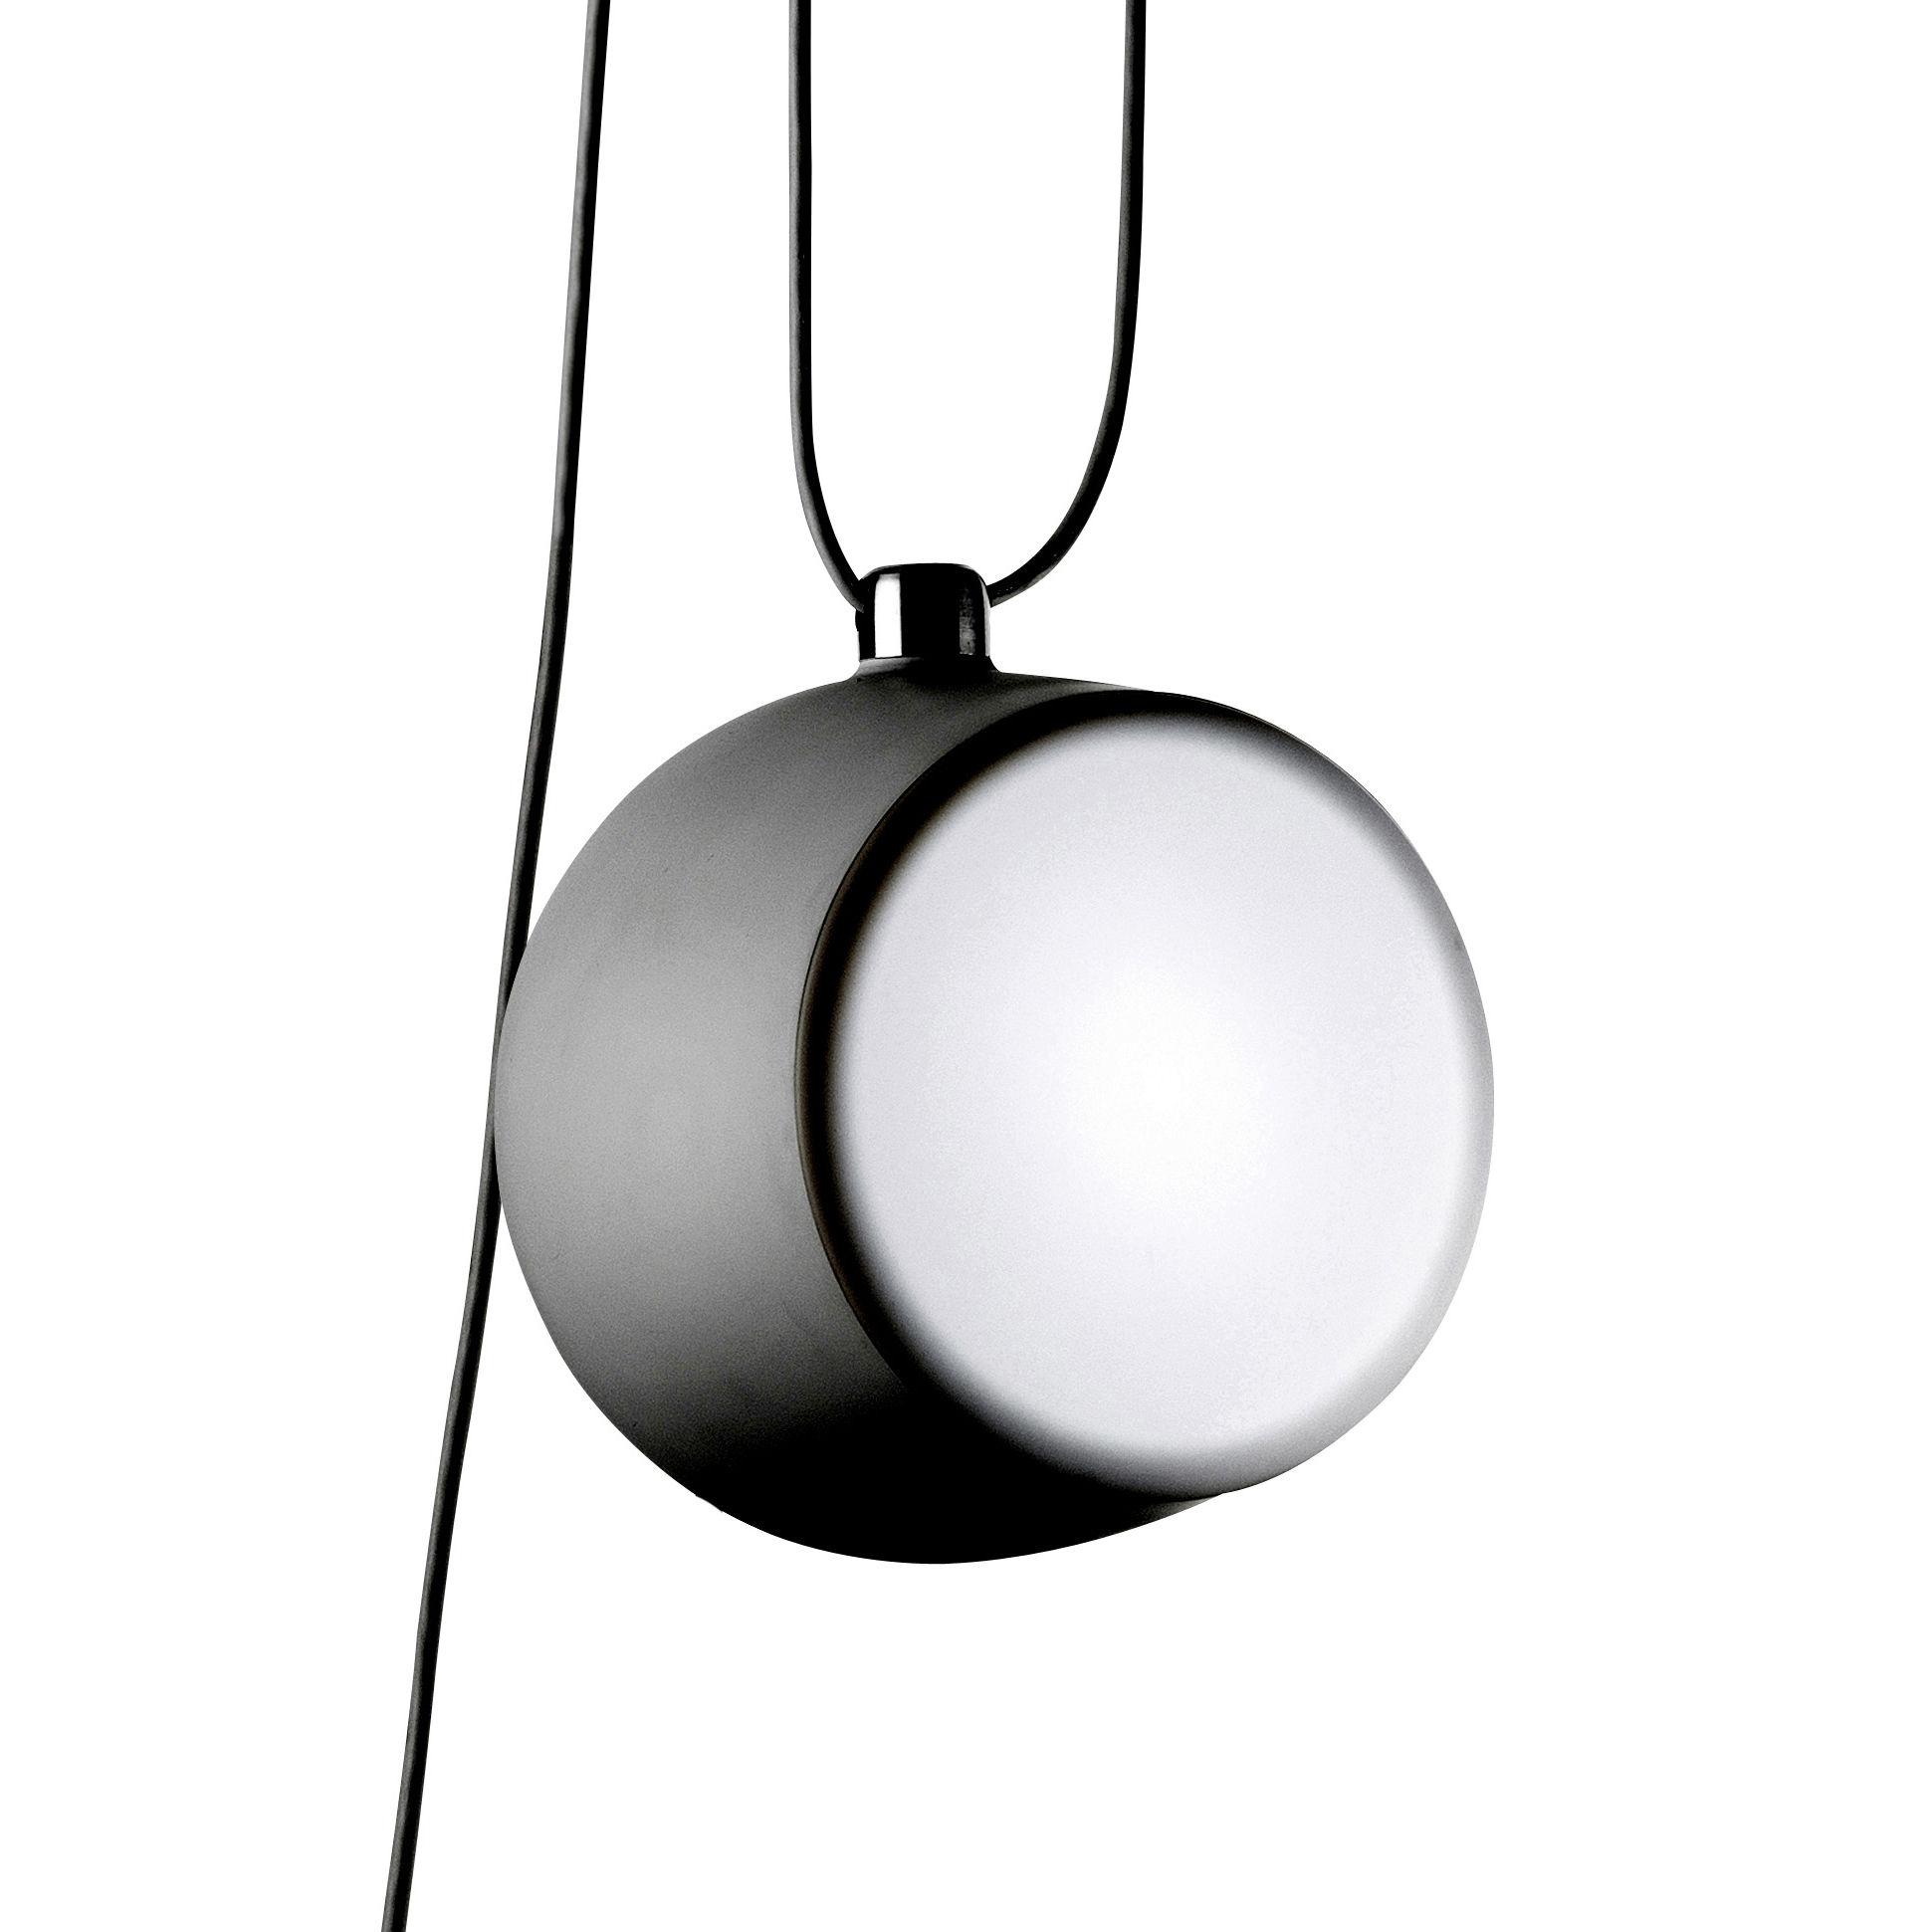 Illuminazione - Lampadari - Sospensione AIM - LED di Flos - Sospensione nera - alluminio verniciato, policarbonato